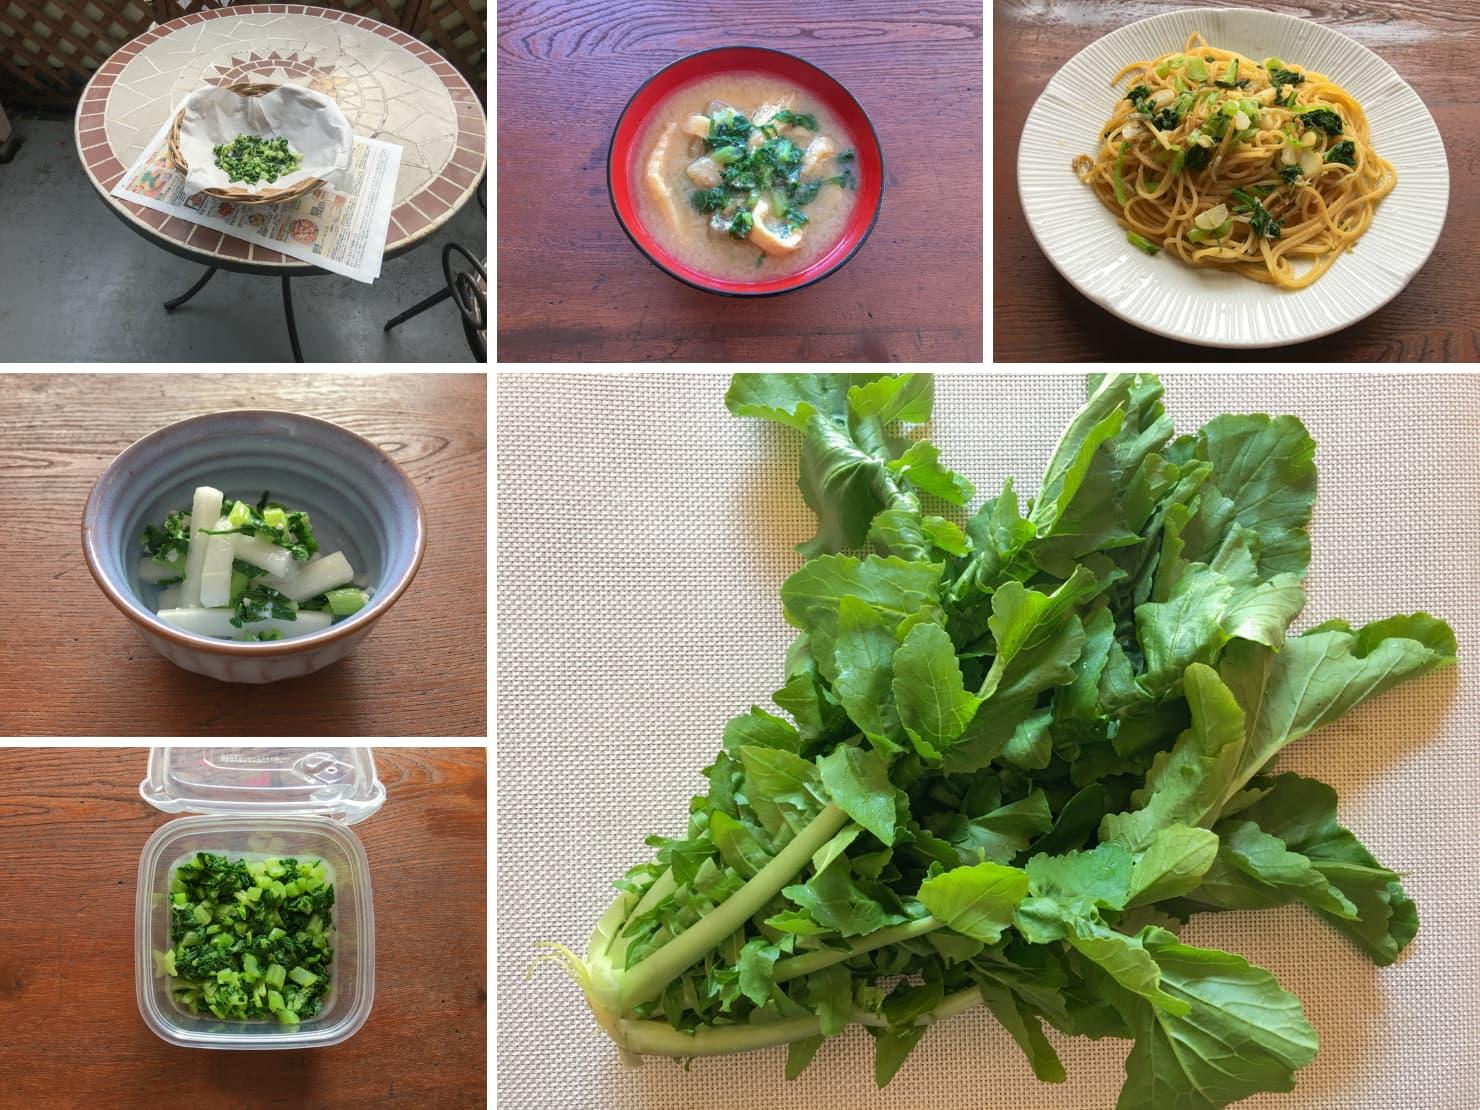 保存した大根葉や大根葉の料理の写真